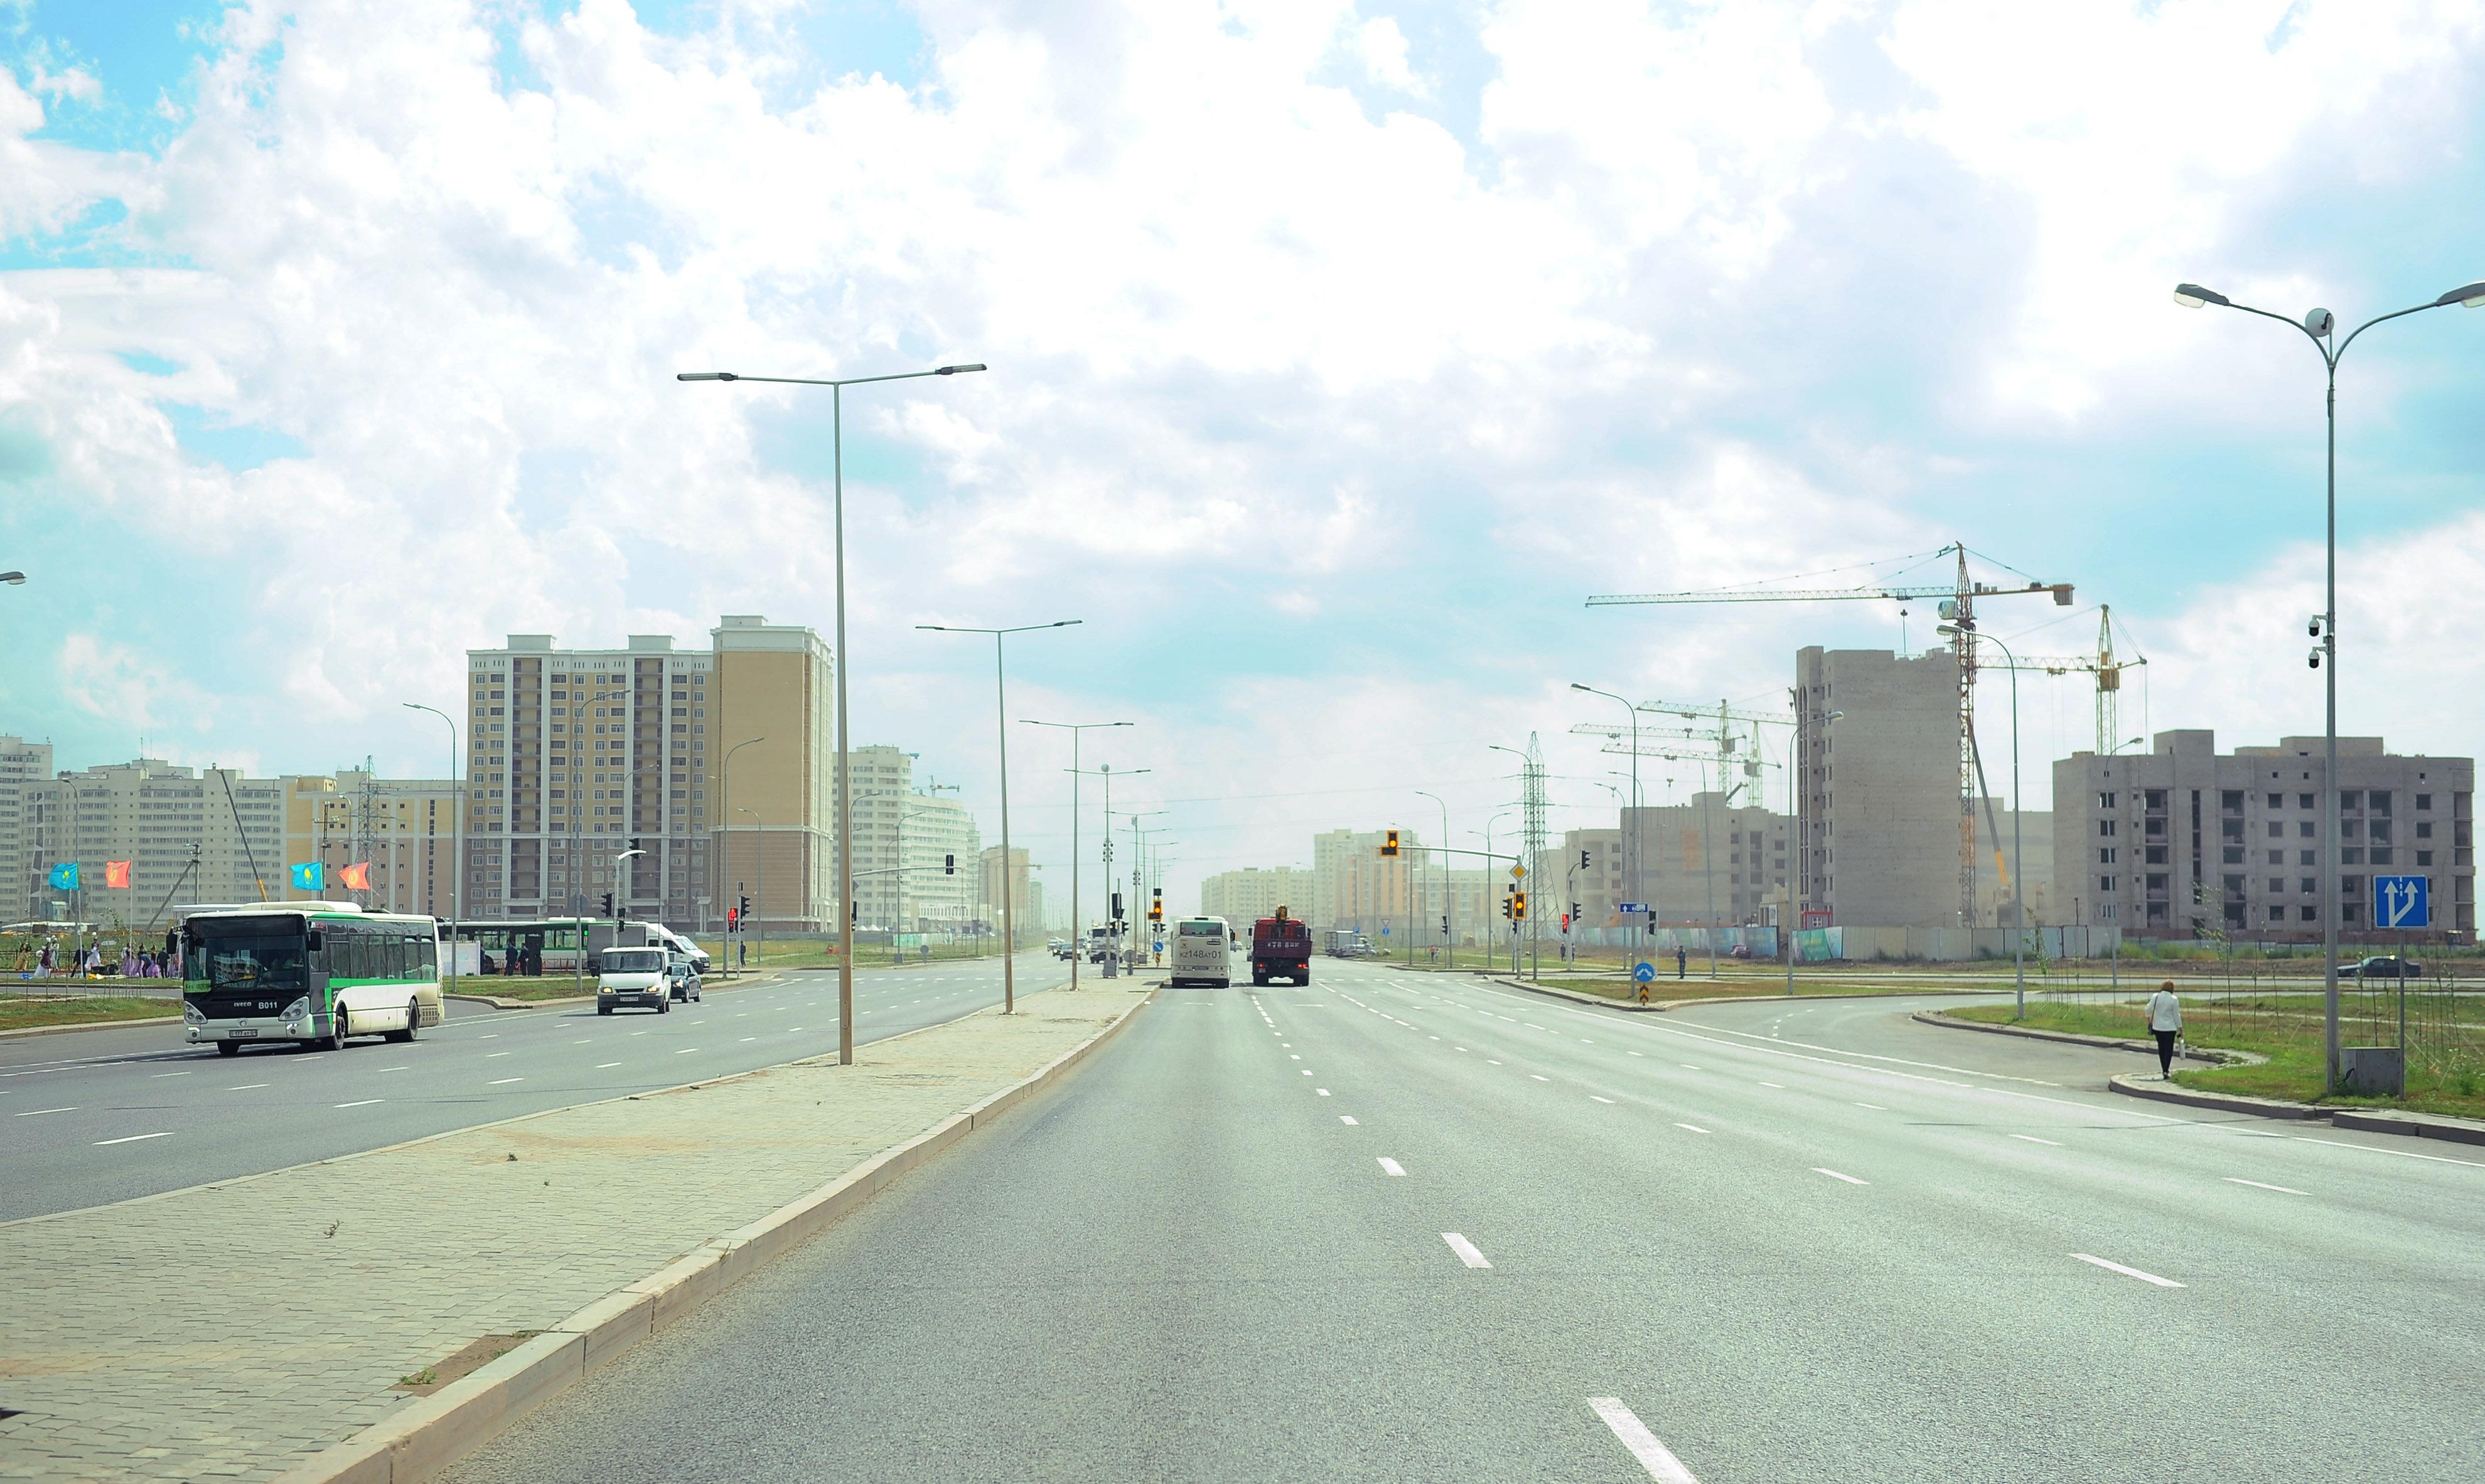 Улица имени Чингиза Айтматова в Астане имеет восемь полос движения